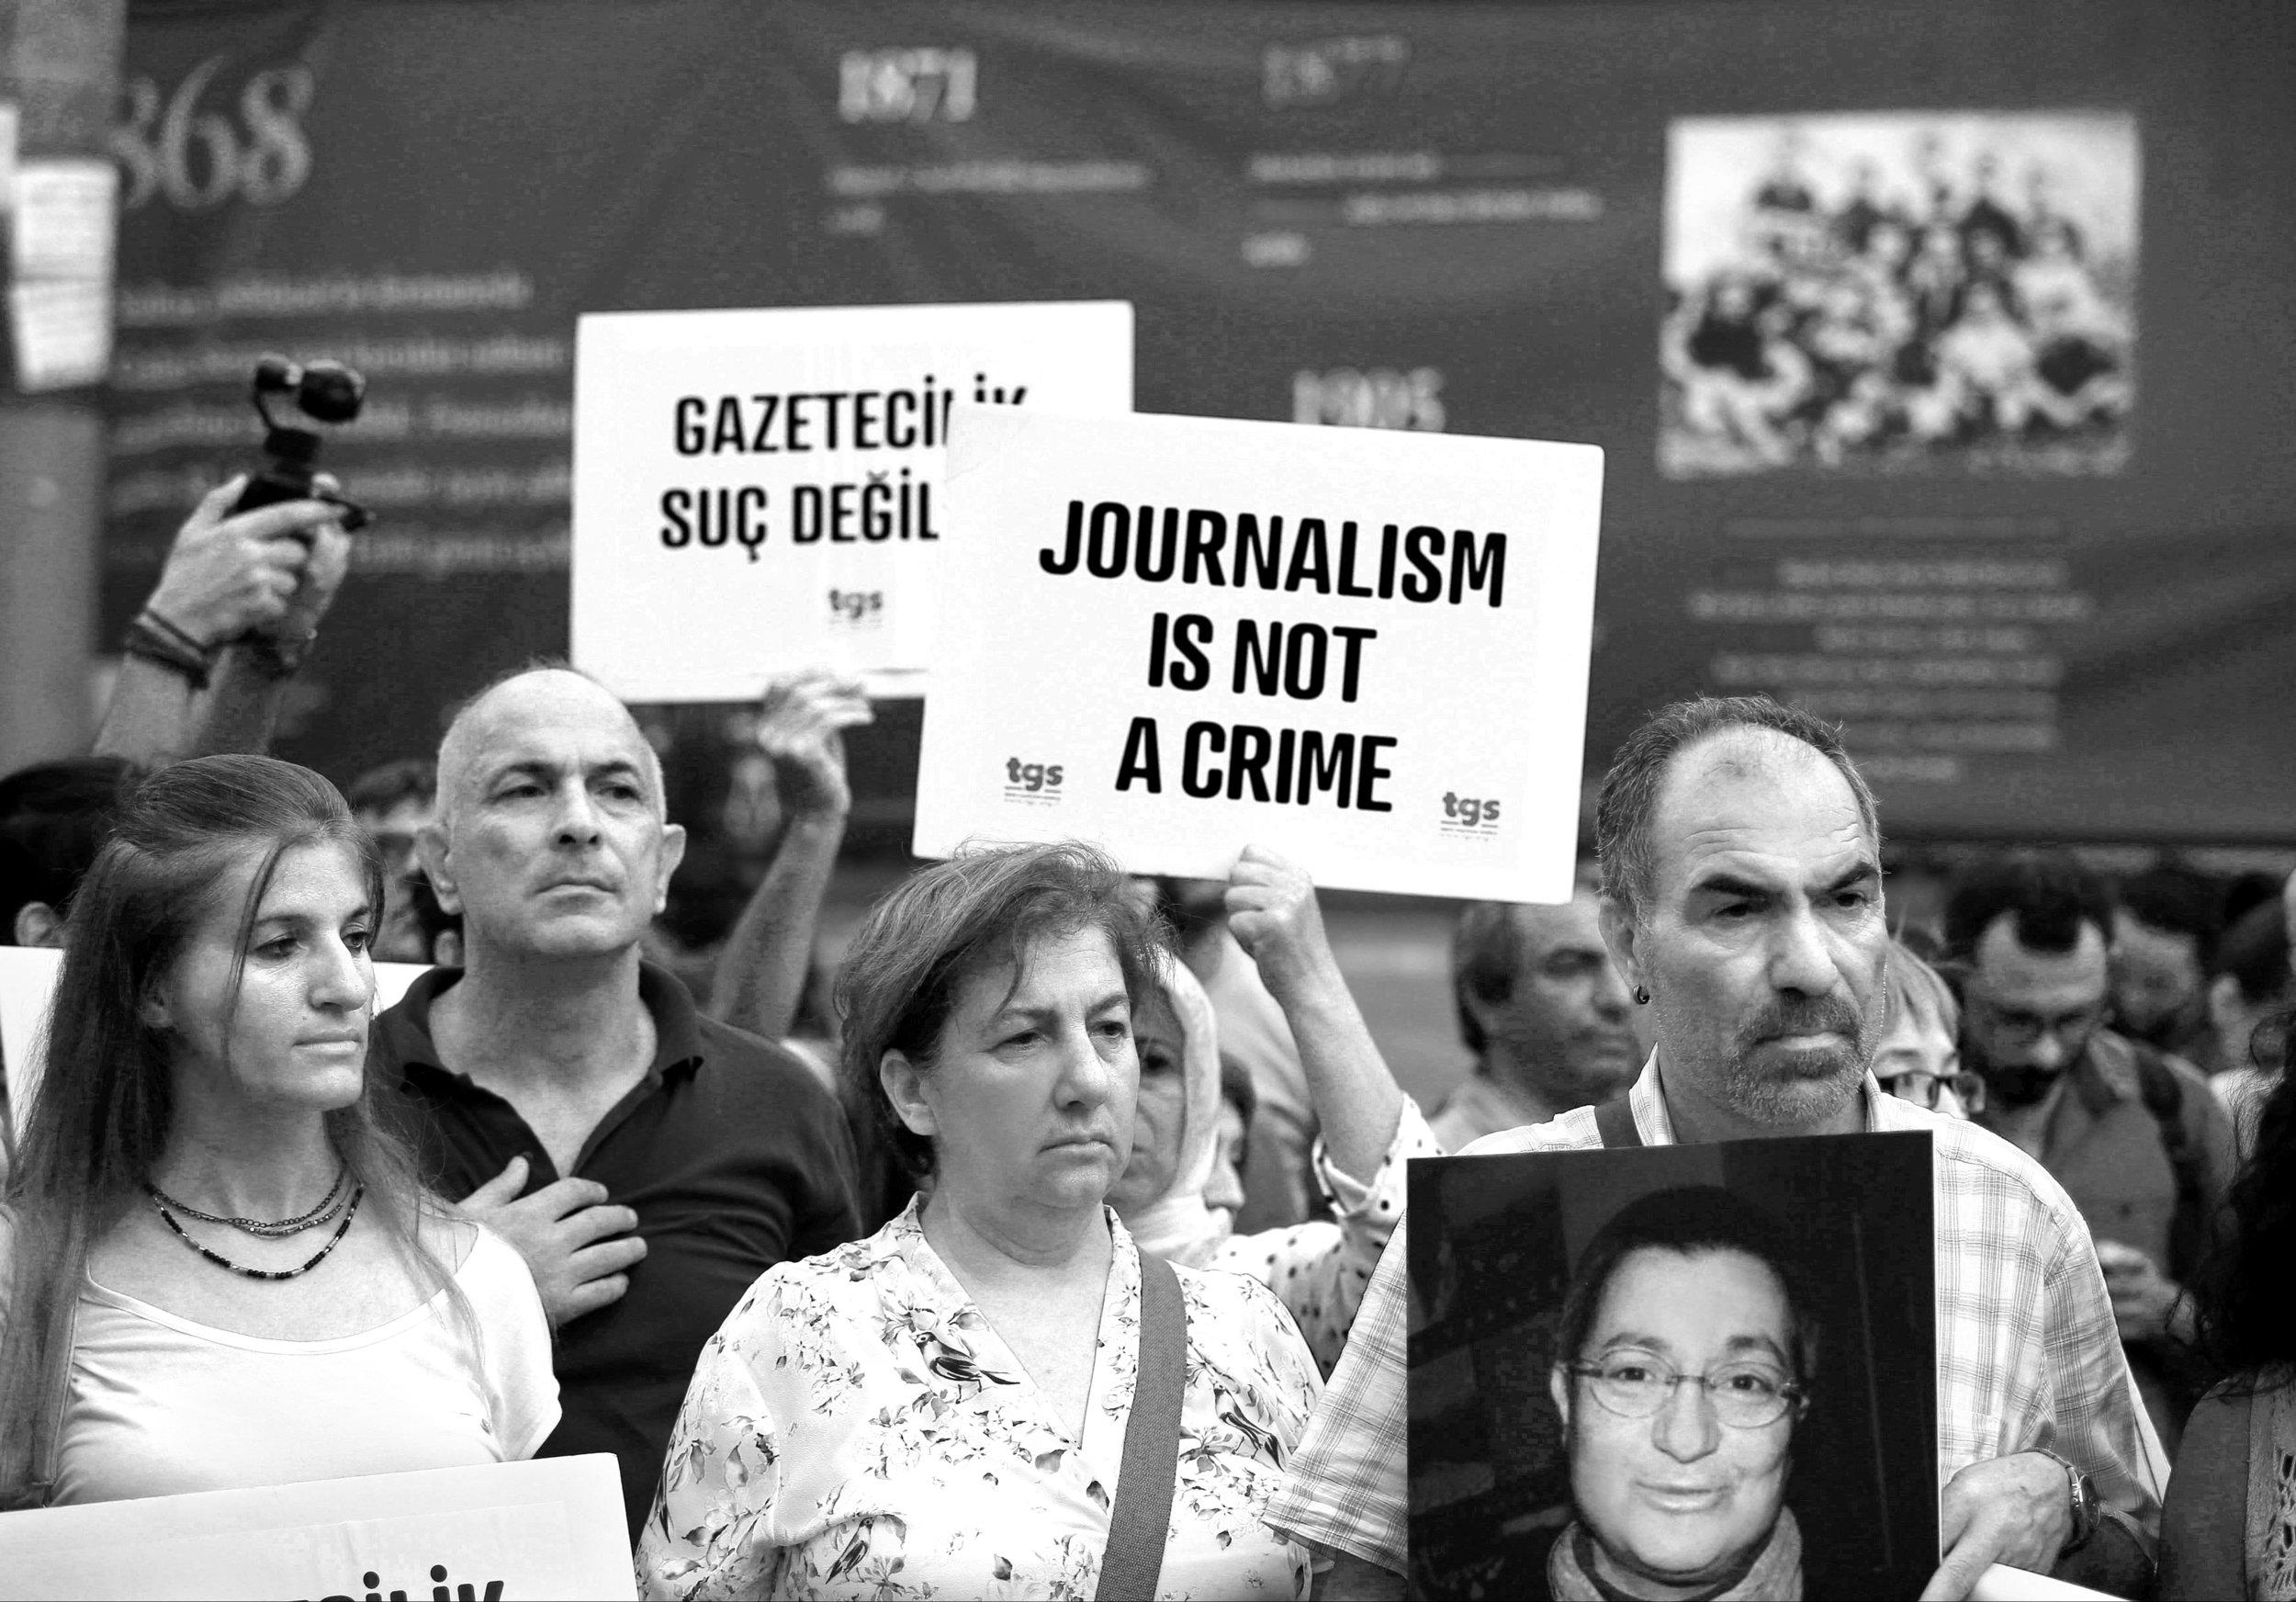 « Le journalisme n'est pas un crime » – Manifestation des syndicalistes pour la liberté des médias. Photo: REUTERS/ Osman Orsal